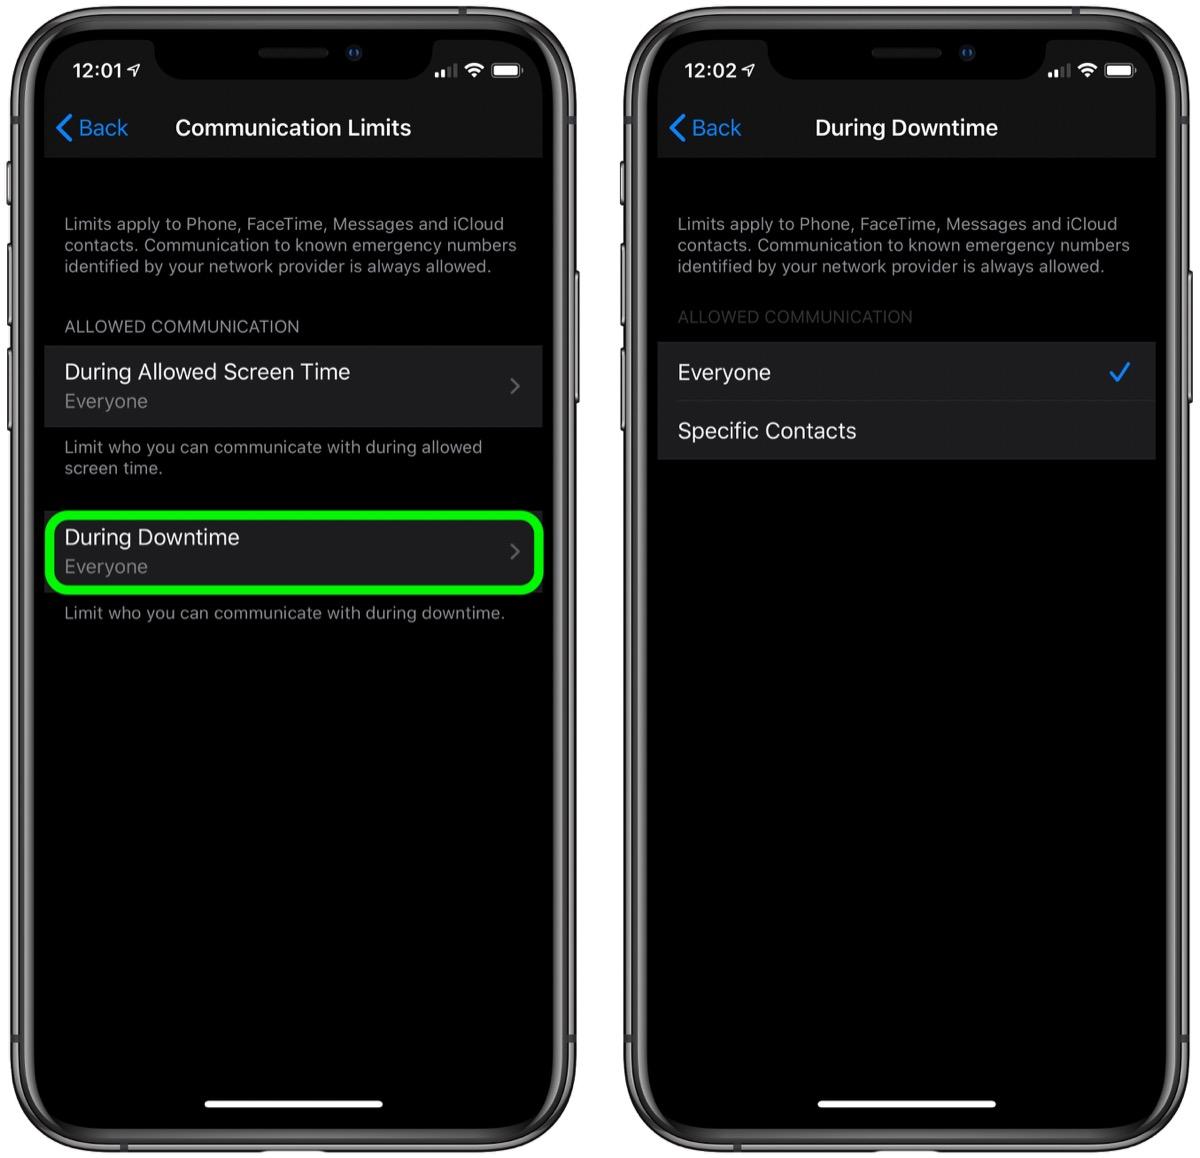 如何在 iPhone 上为孩子设置「屏幕时间」和「通信限制」?